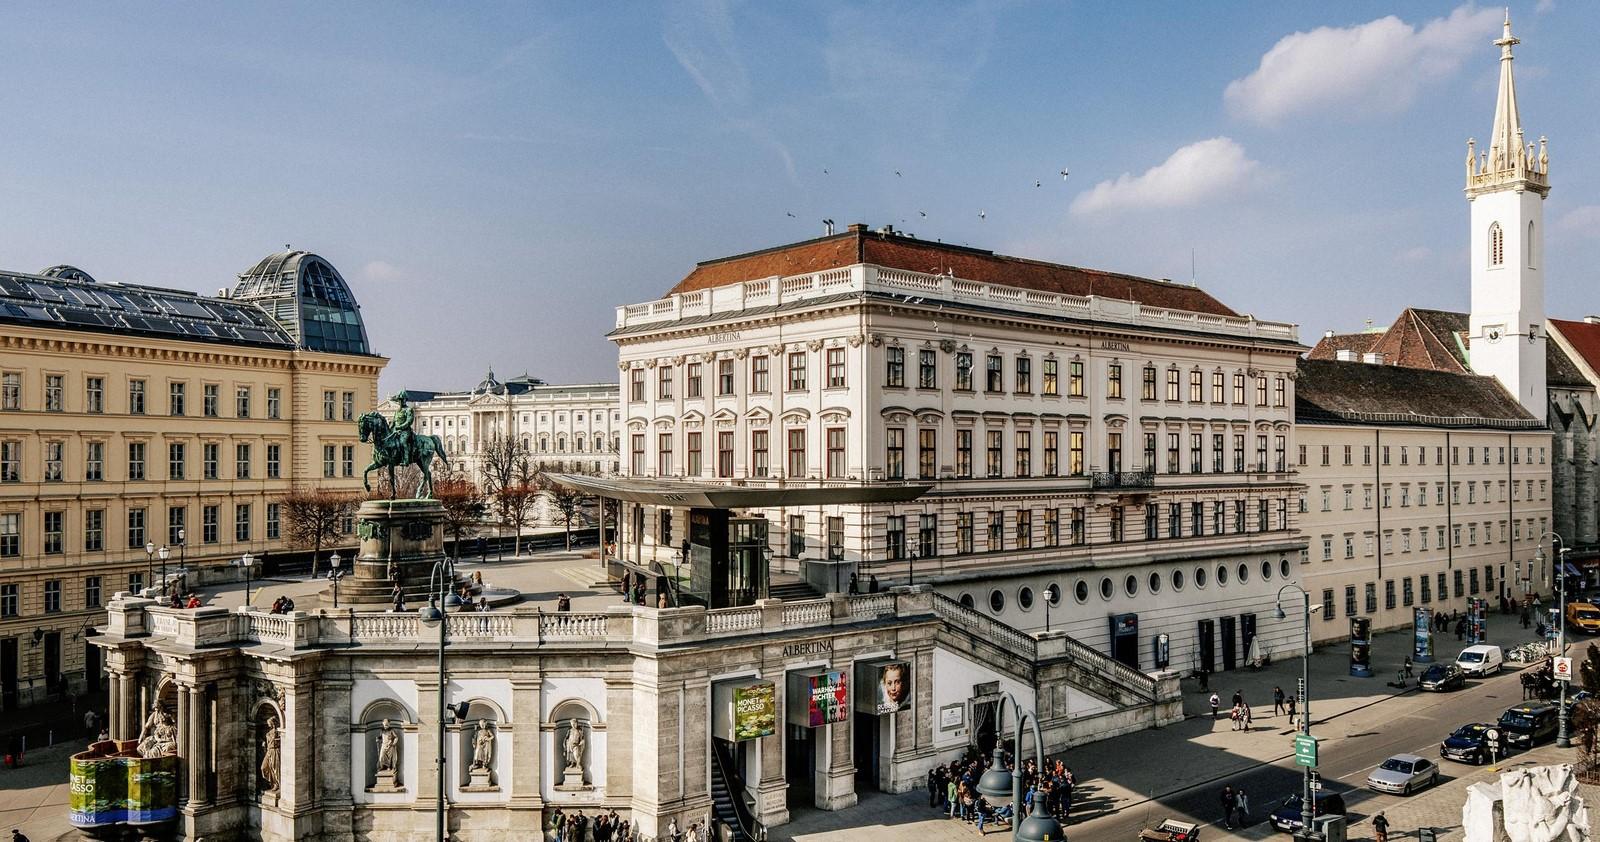 Albertina, Albertinaplatz 1, 1010 Wien, Austria - Sheet2